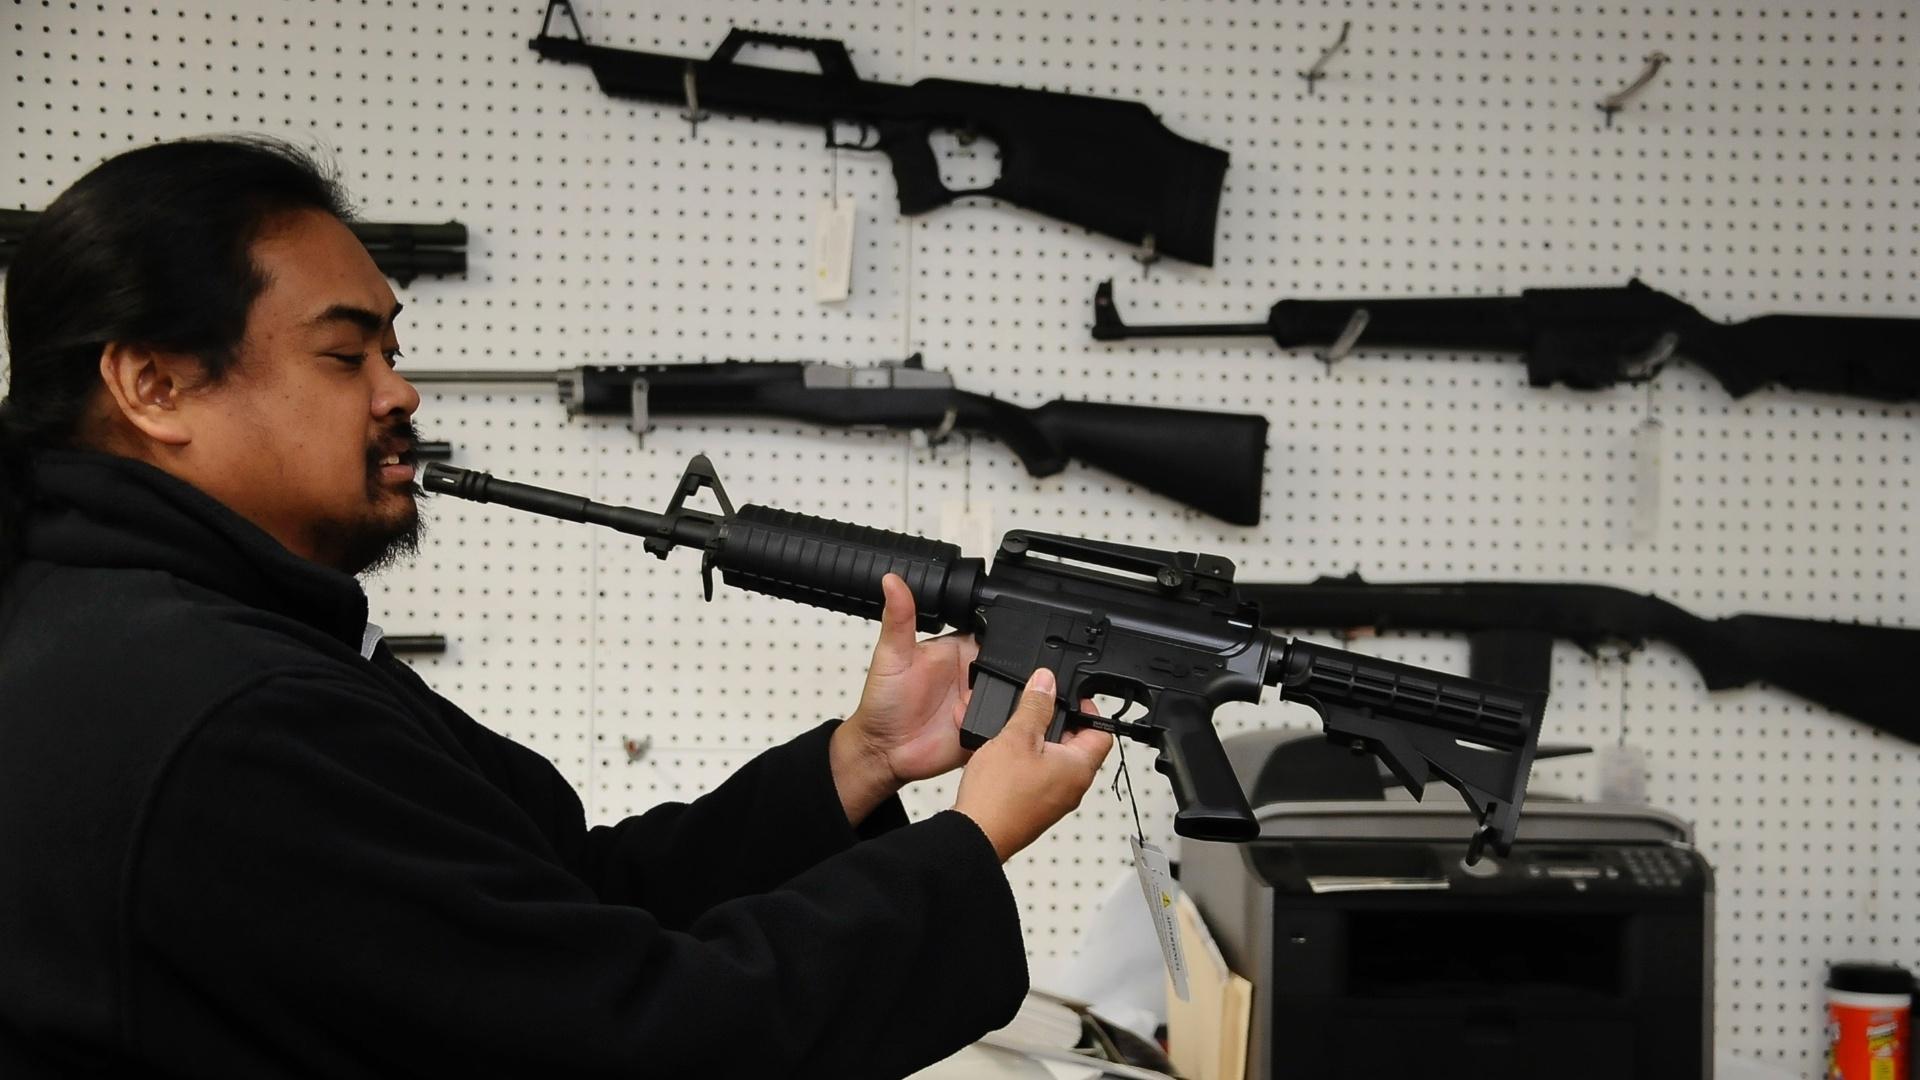 Loja de Armas (Policias) 19dez2012---aristotle-rogel-proprietario-de-uma-loja-de-armamentos-em-burbank-na-california-mostra-um-rifle-semiautomatico-umarex-colt-m4-e-diz-que-armas-como-esta-estao-mais-populares-desde-o-dia-do-1355964403025_1920x1080